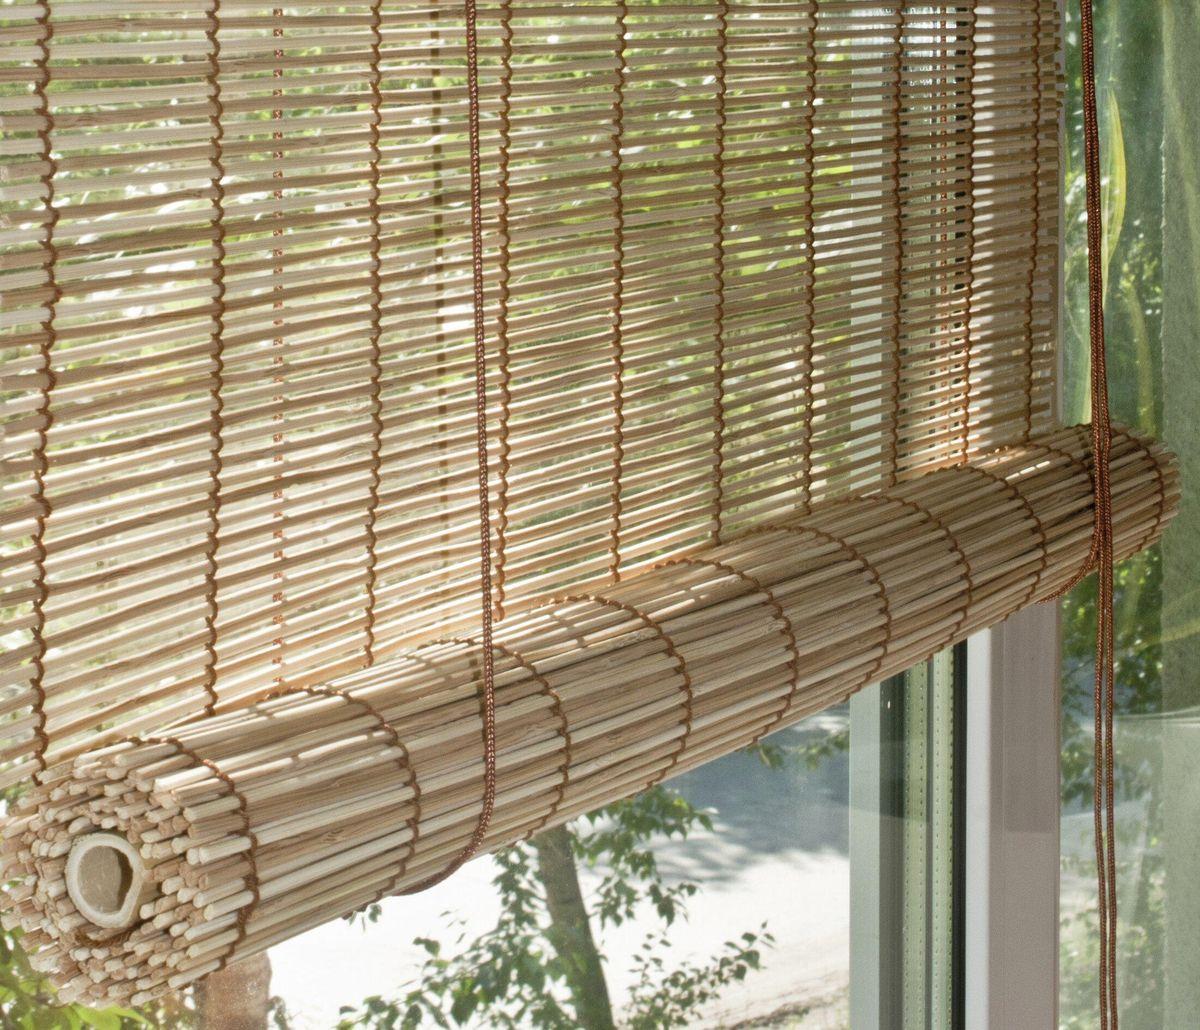 Штора рулонная Эскар Бамбук, цвет: натуральный микс, ширина 90 см, высота 160 см804946180160При оформлении интерьера современных помещений многие отдают предпочтение природным материалам. Бамбуковые рулонные шторы - одно из натуральных изделий, способное сделать атмосферу помещения более уютной и в то же время необычной. Свойства бамбука уникальны: он экологически чист, так как быстро вырастает, благодаря чему не успевает накопить вредные вещества из окружающей среды. Кроме того, растение обладает противомикробным и антибактериальным действием. Занавеси из бамбука безопасно использовать в помещениях, где находятся новорожденные дети и люди, склонные к аллергии. Они незаменимы для тех, кто заботится о своем здоровье и уделяет внимание высокому уровню жизни.Бамбуковые рулонные шторы представляют собой полотно, состоящее из тонких бамбуковых стеблей и сворачиваемое в рулон.Римские бамбуковые шторы, как и тканевые римские шторы, при поднятии образуют крупные складки, которые прекрасно декорируют окно.Особенность устройства полотна позволяет свободно пропускать дневной свет, что обеспечивает мягкое освещение комнаты. Это натуральный влагостойкий материал, который легко вписывается в любой интерьер, хорошо сочетается с различной мебелью и элементами отделки. Использование бамбукового полотна придает помещению необычный вид и визуально расширяет пространство.Помимо внешней красоты, это еще и очень удобные конструкции, экономящие пространство. Изготавливаются они из специальных материалов, устойчивых к внешним воздействиям. Сама штора очень эргономичная, и позволяет изменять визуально пространство в зависимости от потребностей владельца.